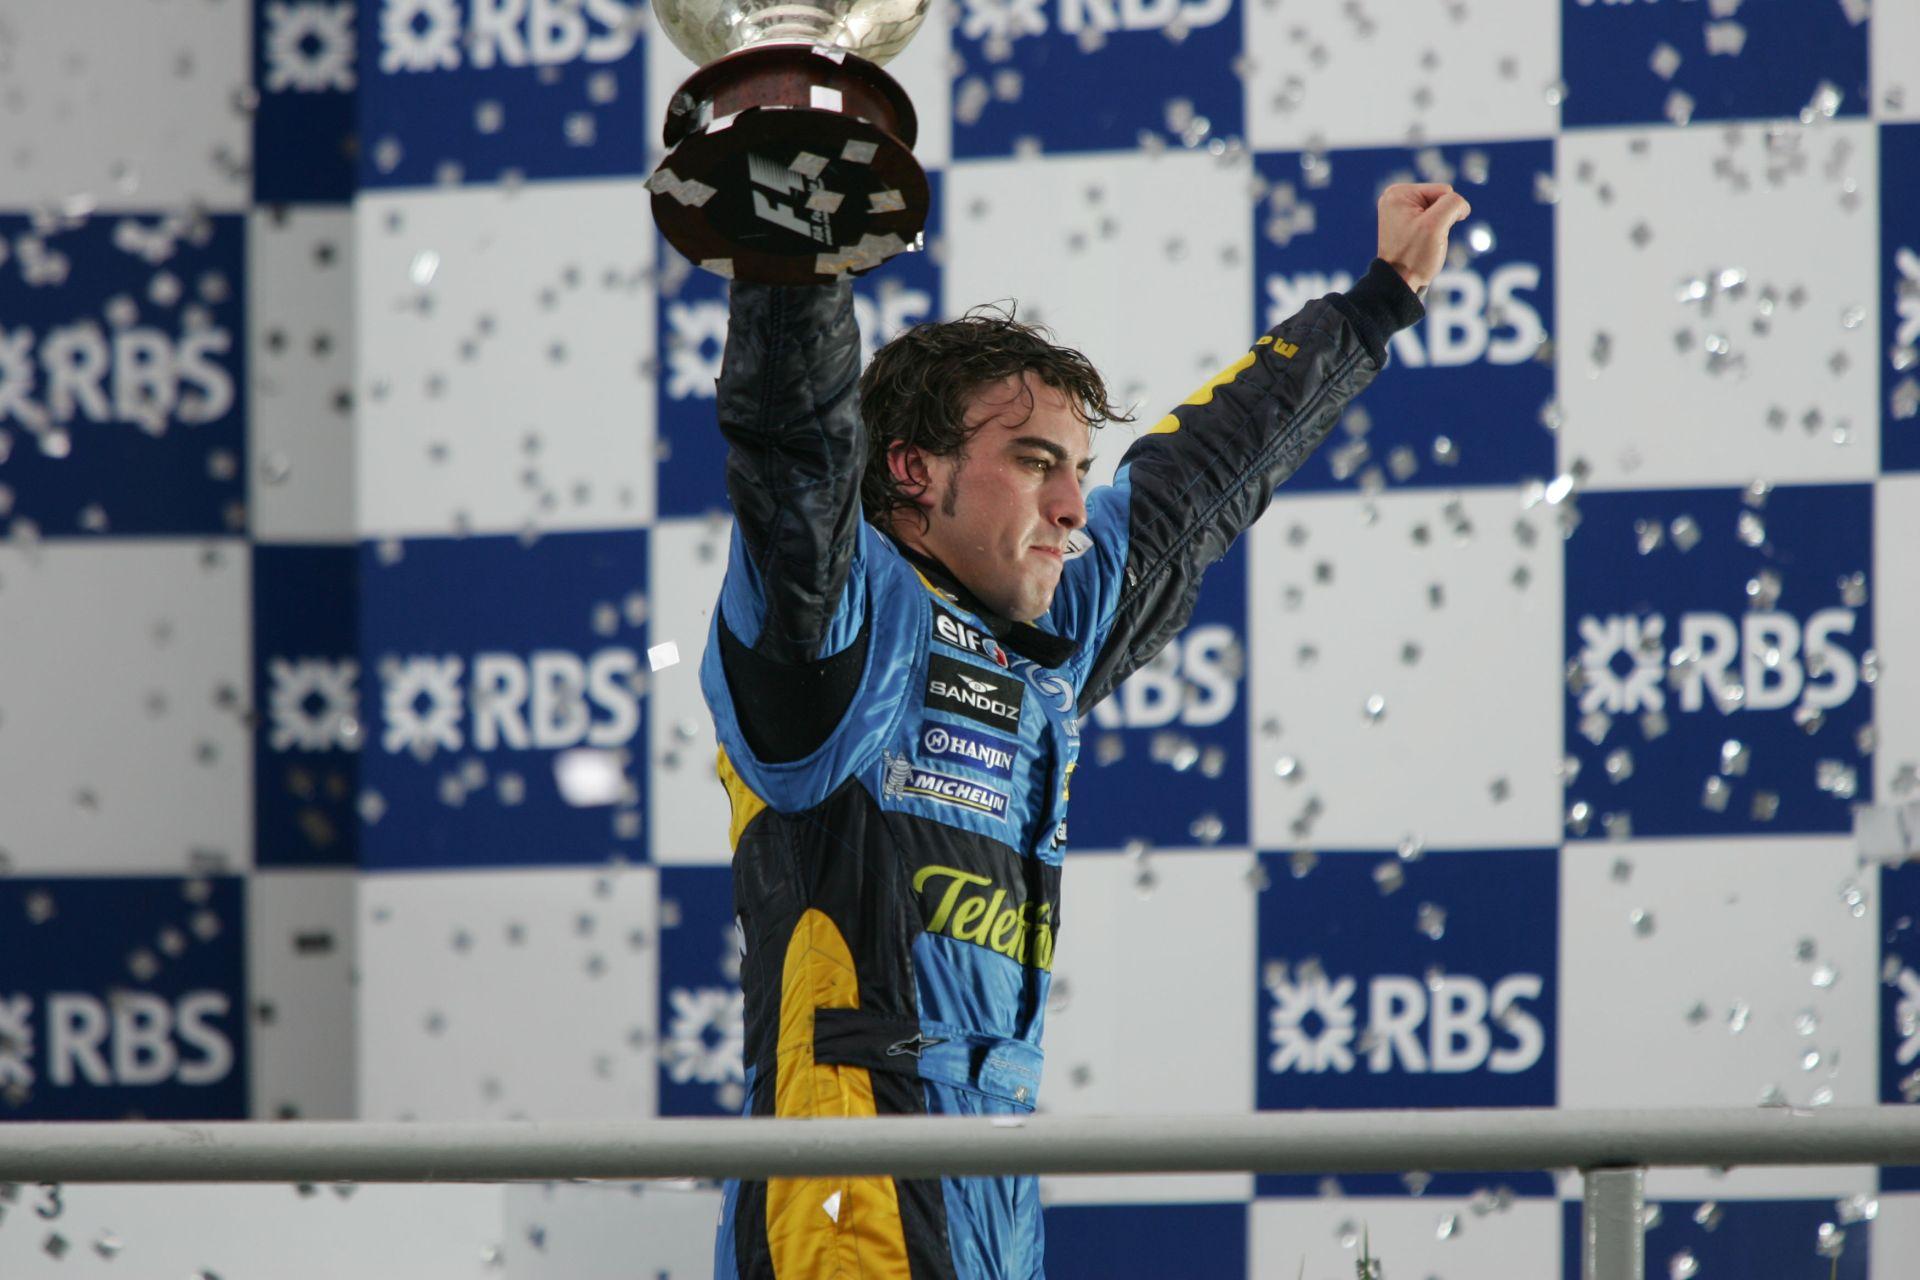 Fernando Alonso va conduce pentru Renault DP World F1 Team din sezonul 2021